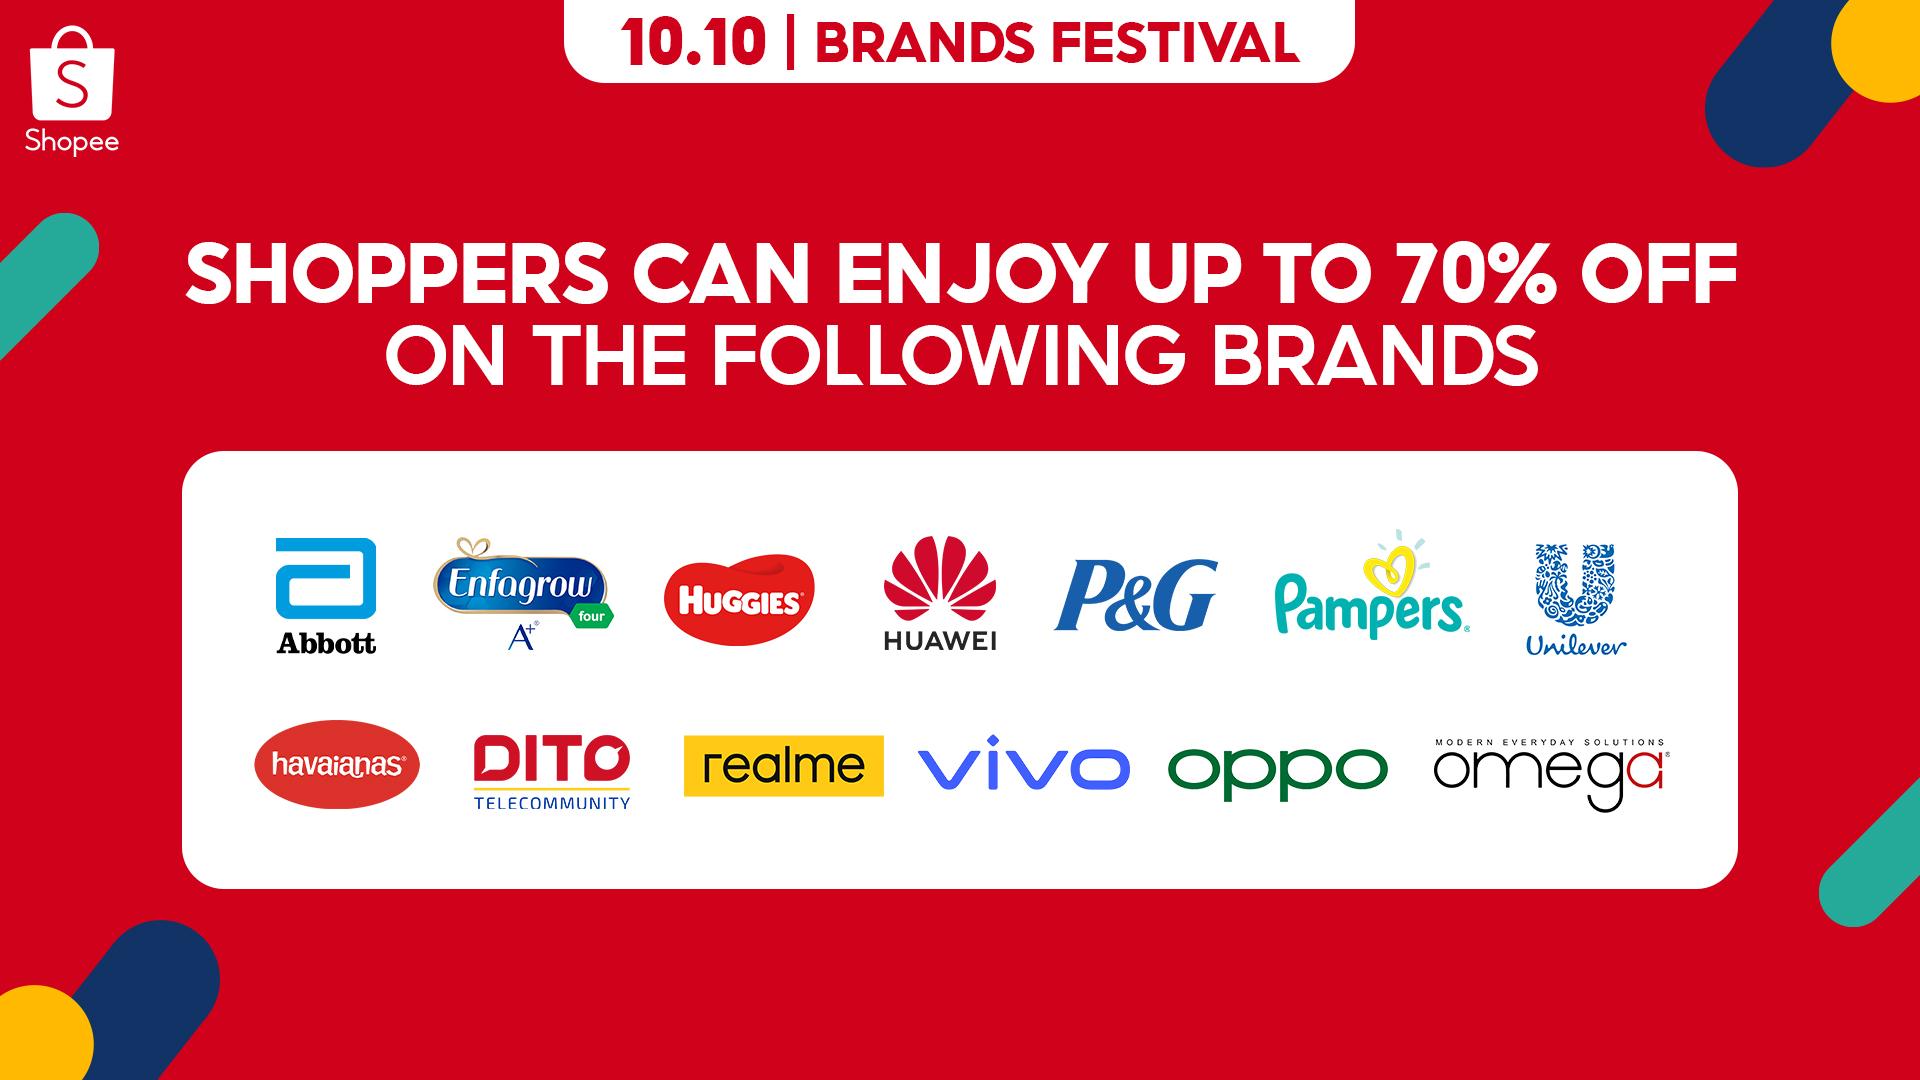 10.10 Brands Festival